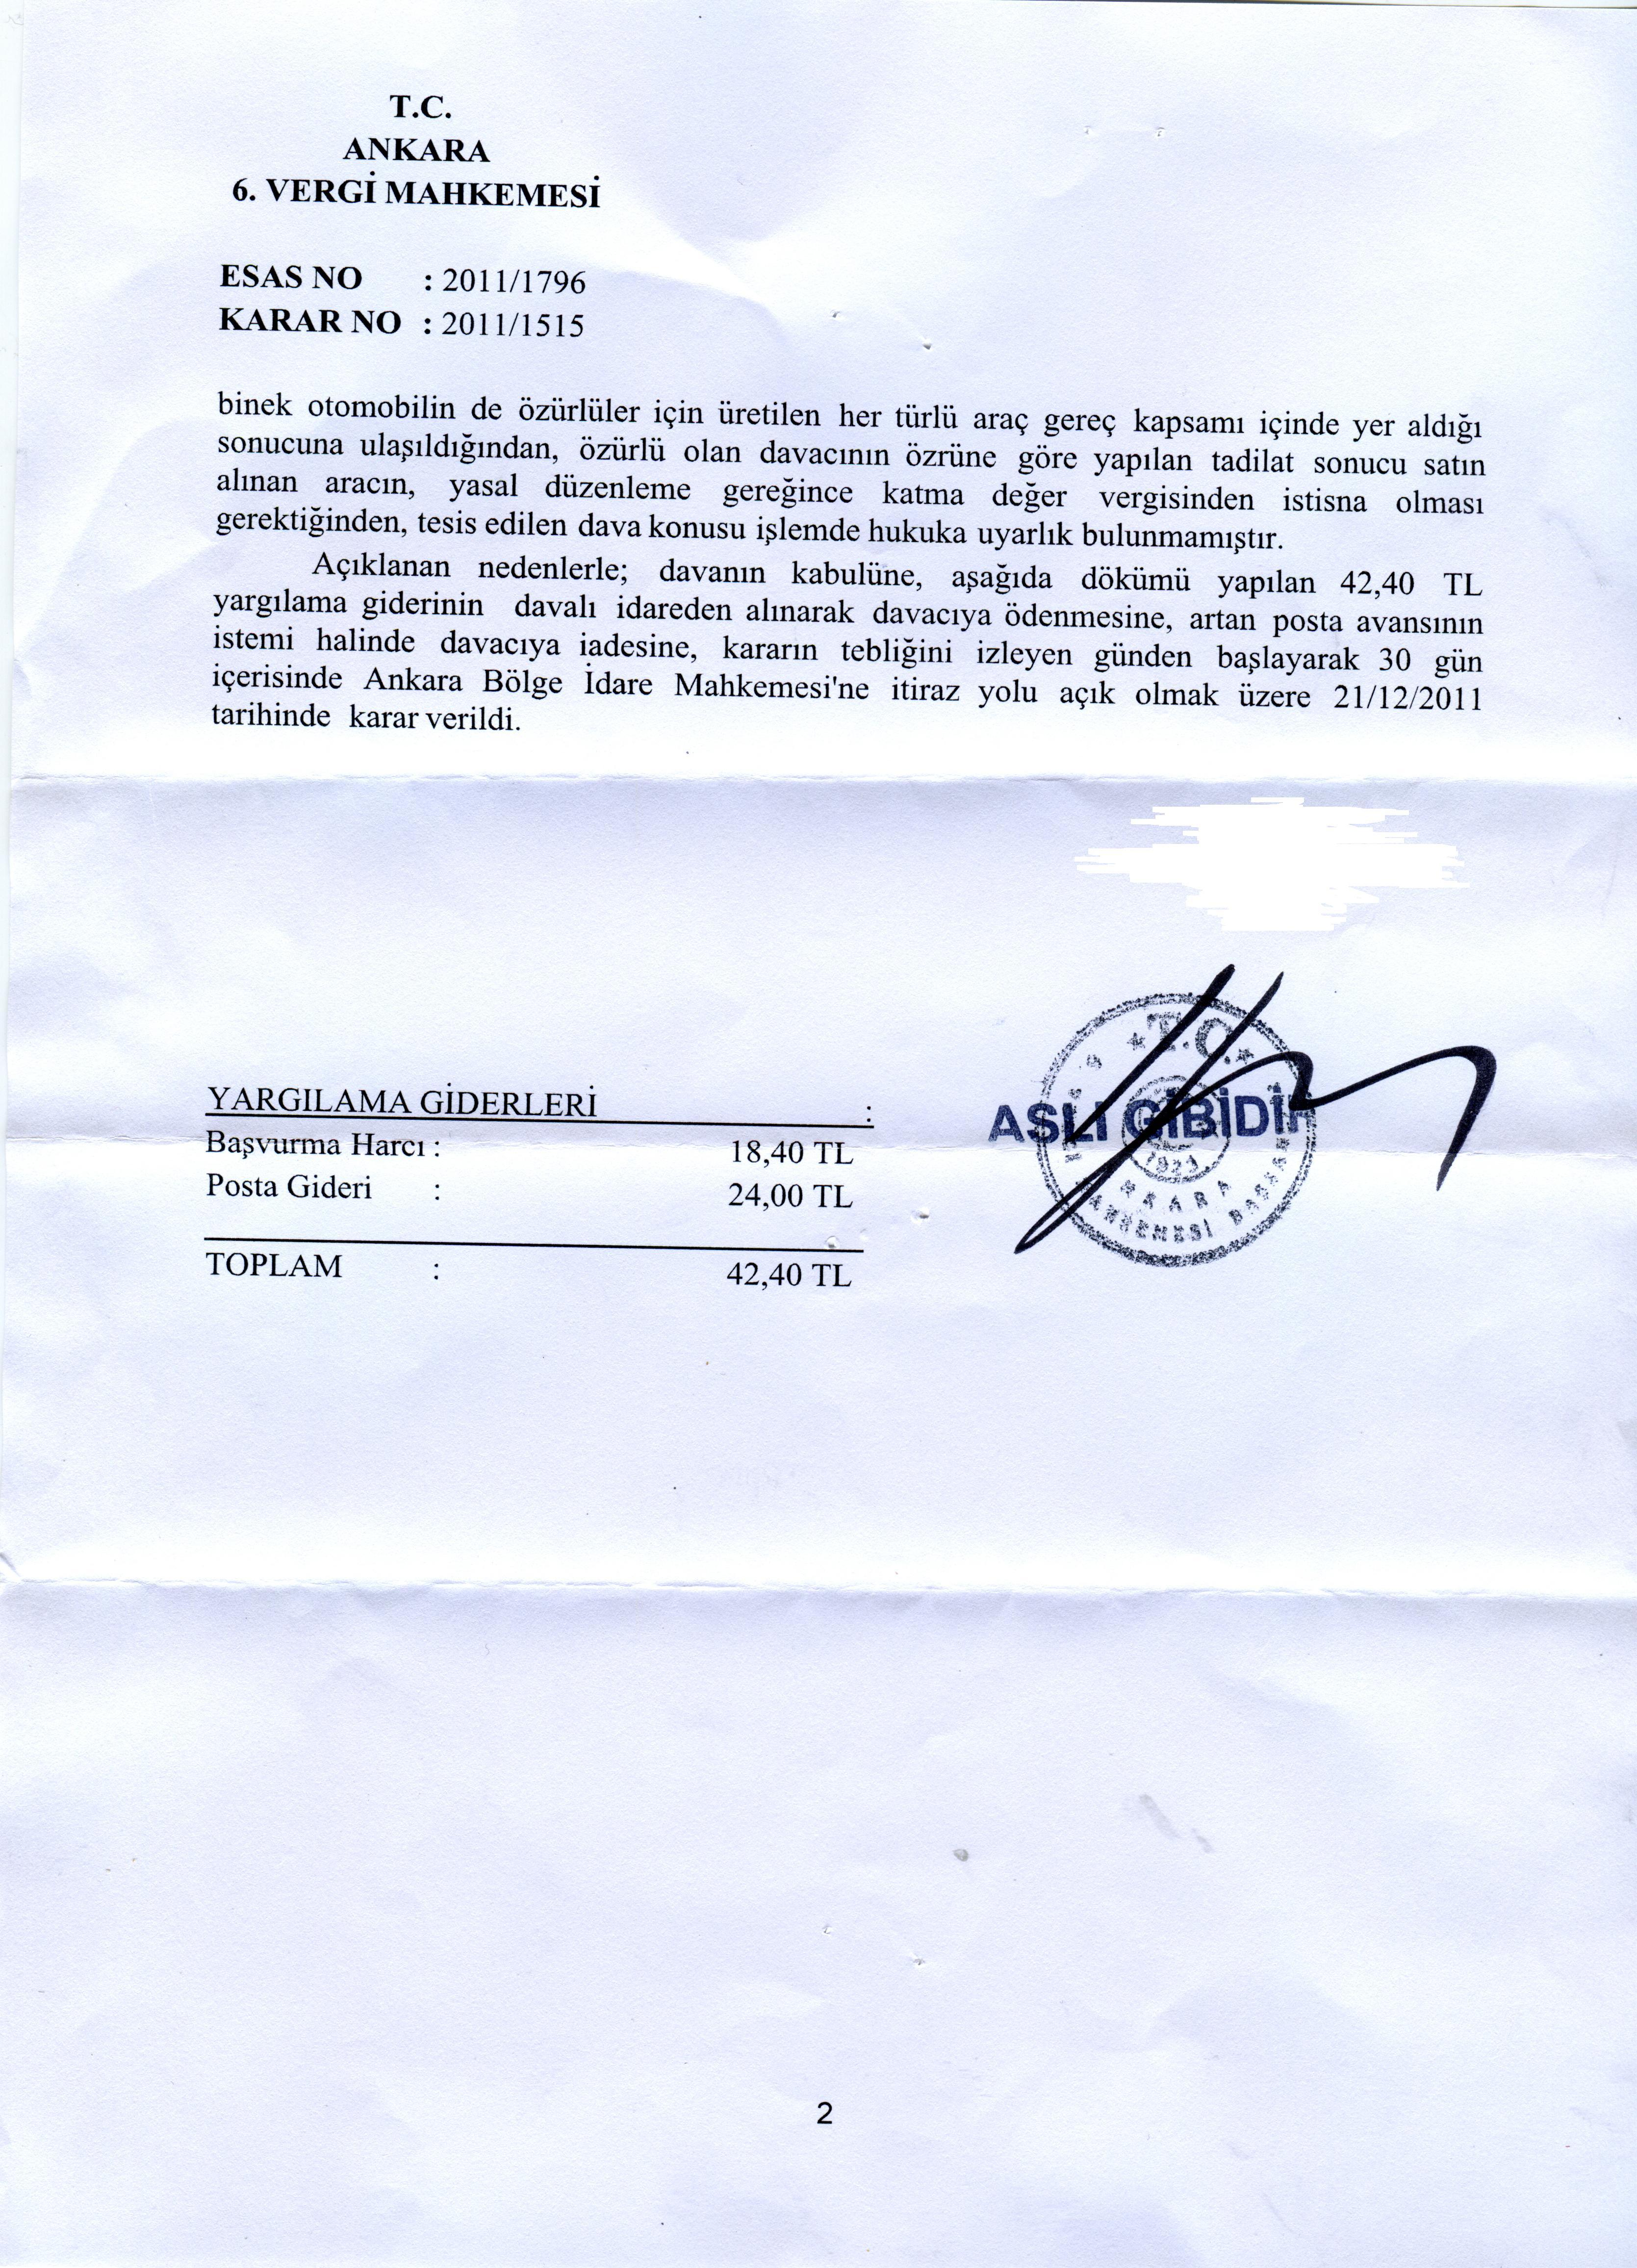 Ankara 6.vergi.mahkemesi2 - Sakat stat�s�nde al�nan ara� i�in �denen KDV'nin geri al�nmas� i�lemleri ve s�re�